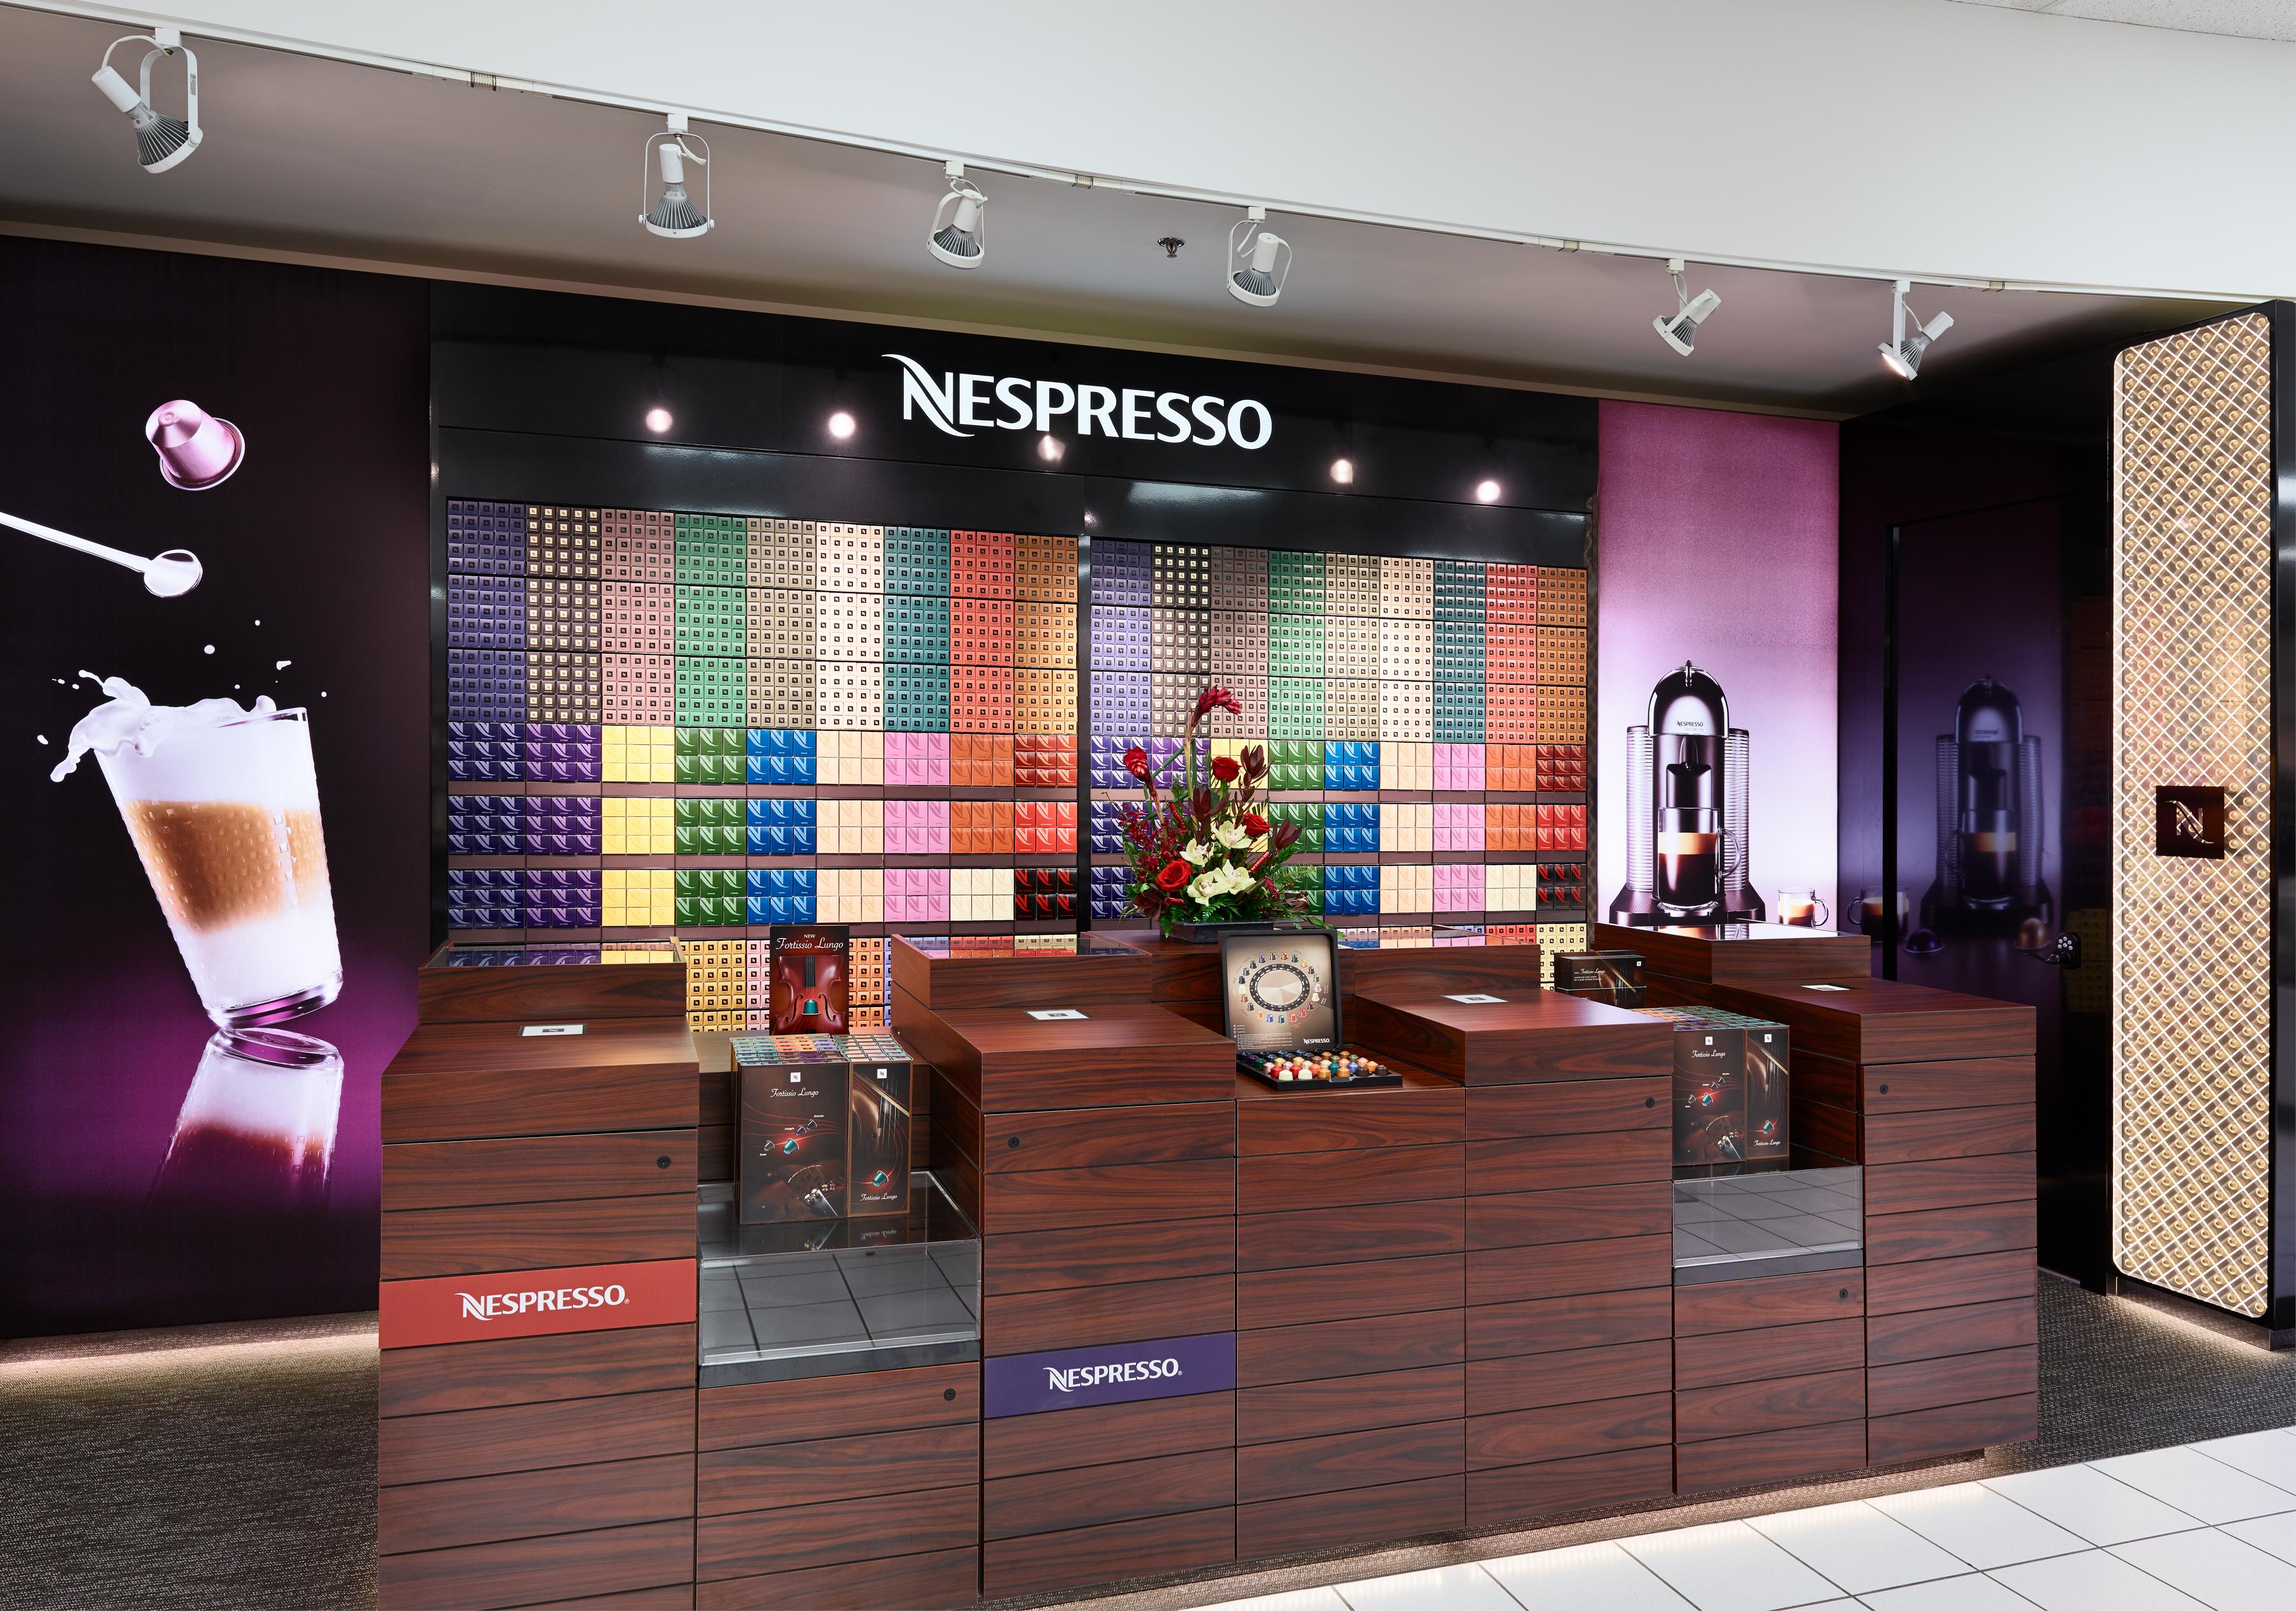 A Nespresso posicionou o seu café de forma única, criando valor de marca, o que permitiu cobrar mais pelo seu produto e experiência. Imagem: avenuecalgary.com